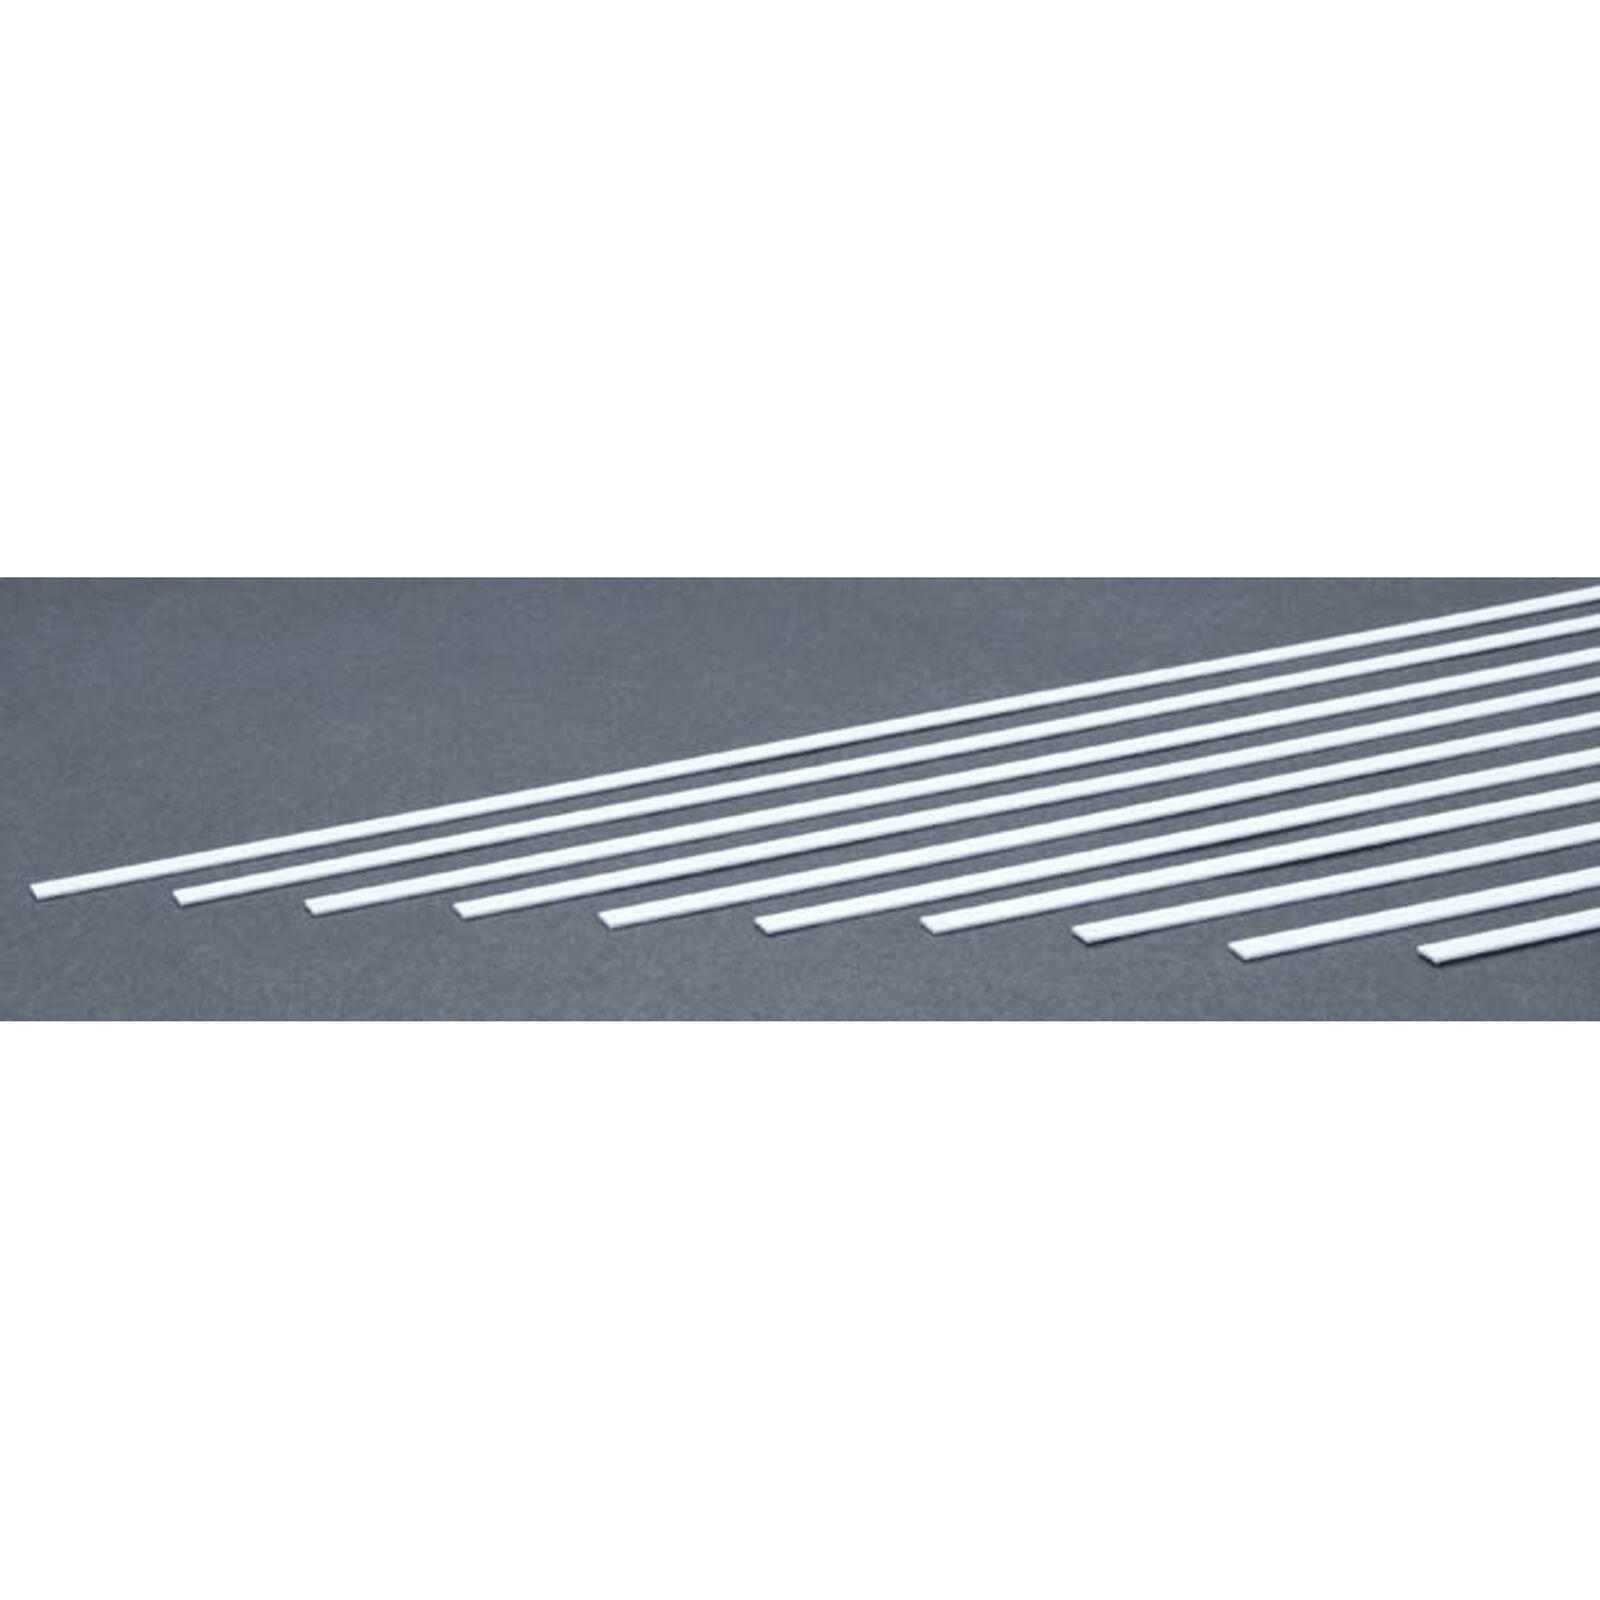 Strip .030 x .188 (10)